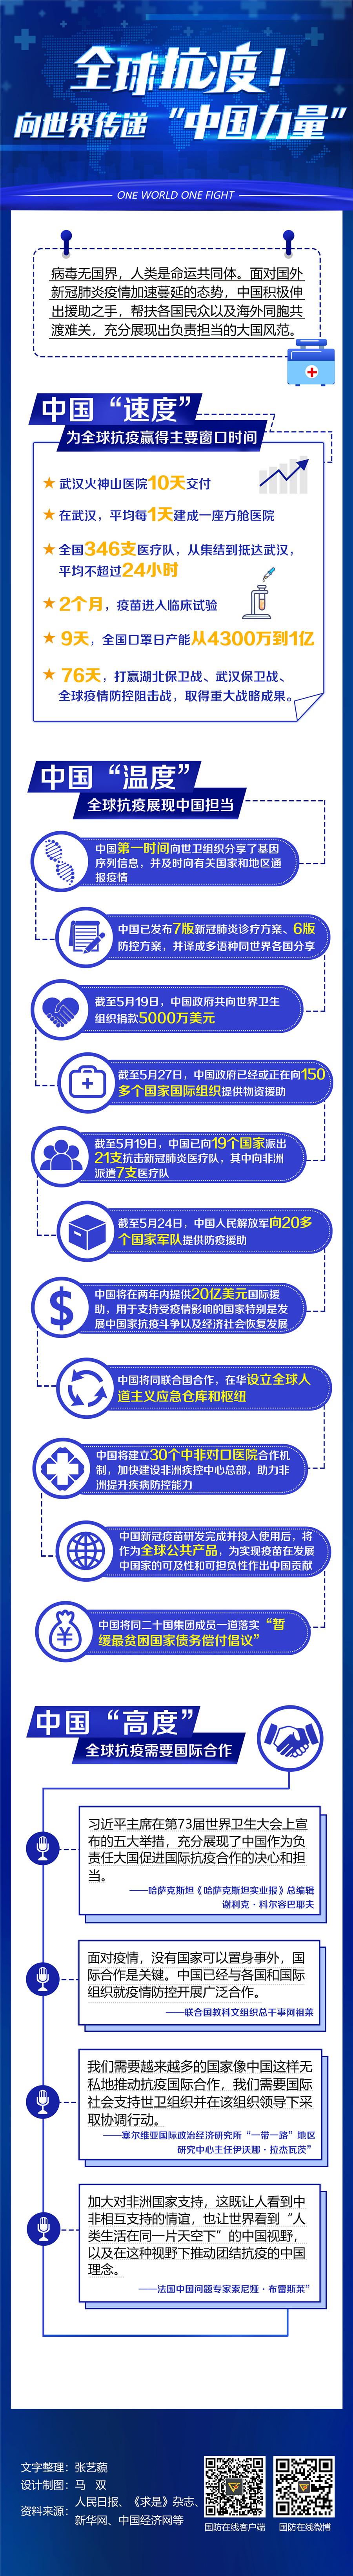 杏悦注册全球抗疫杏悦注册向世界传递中国力量图片